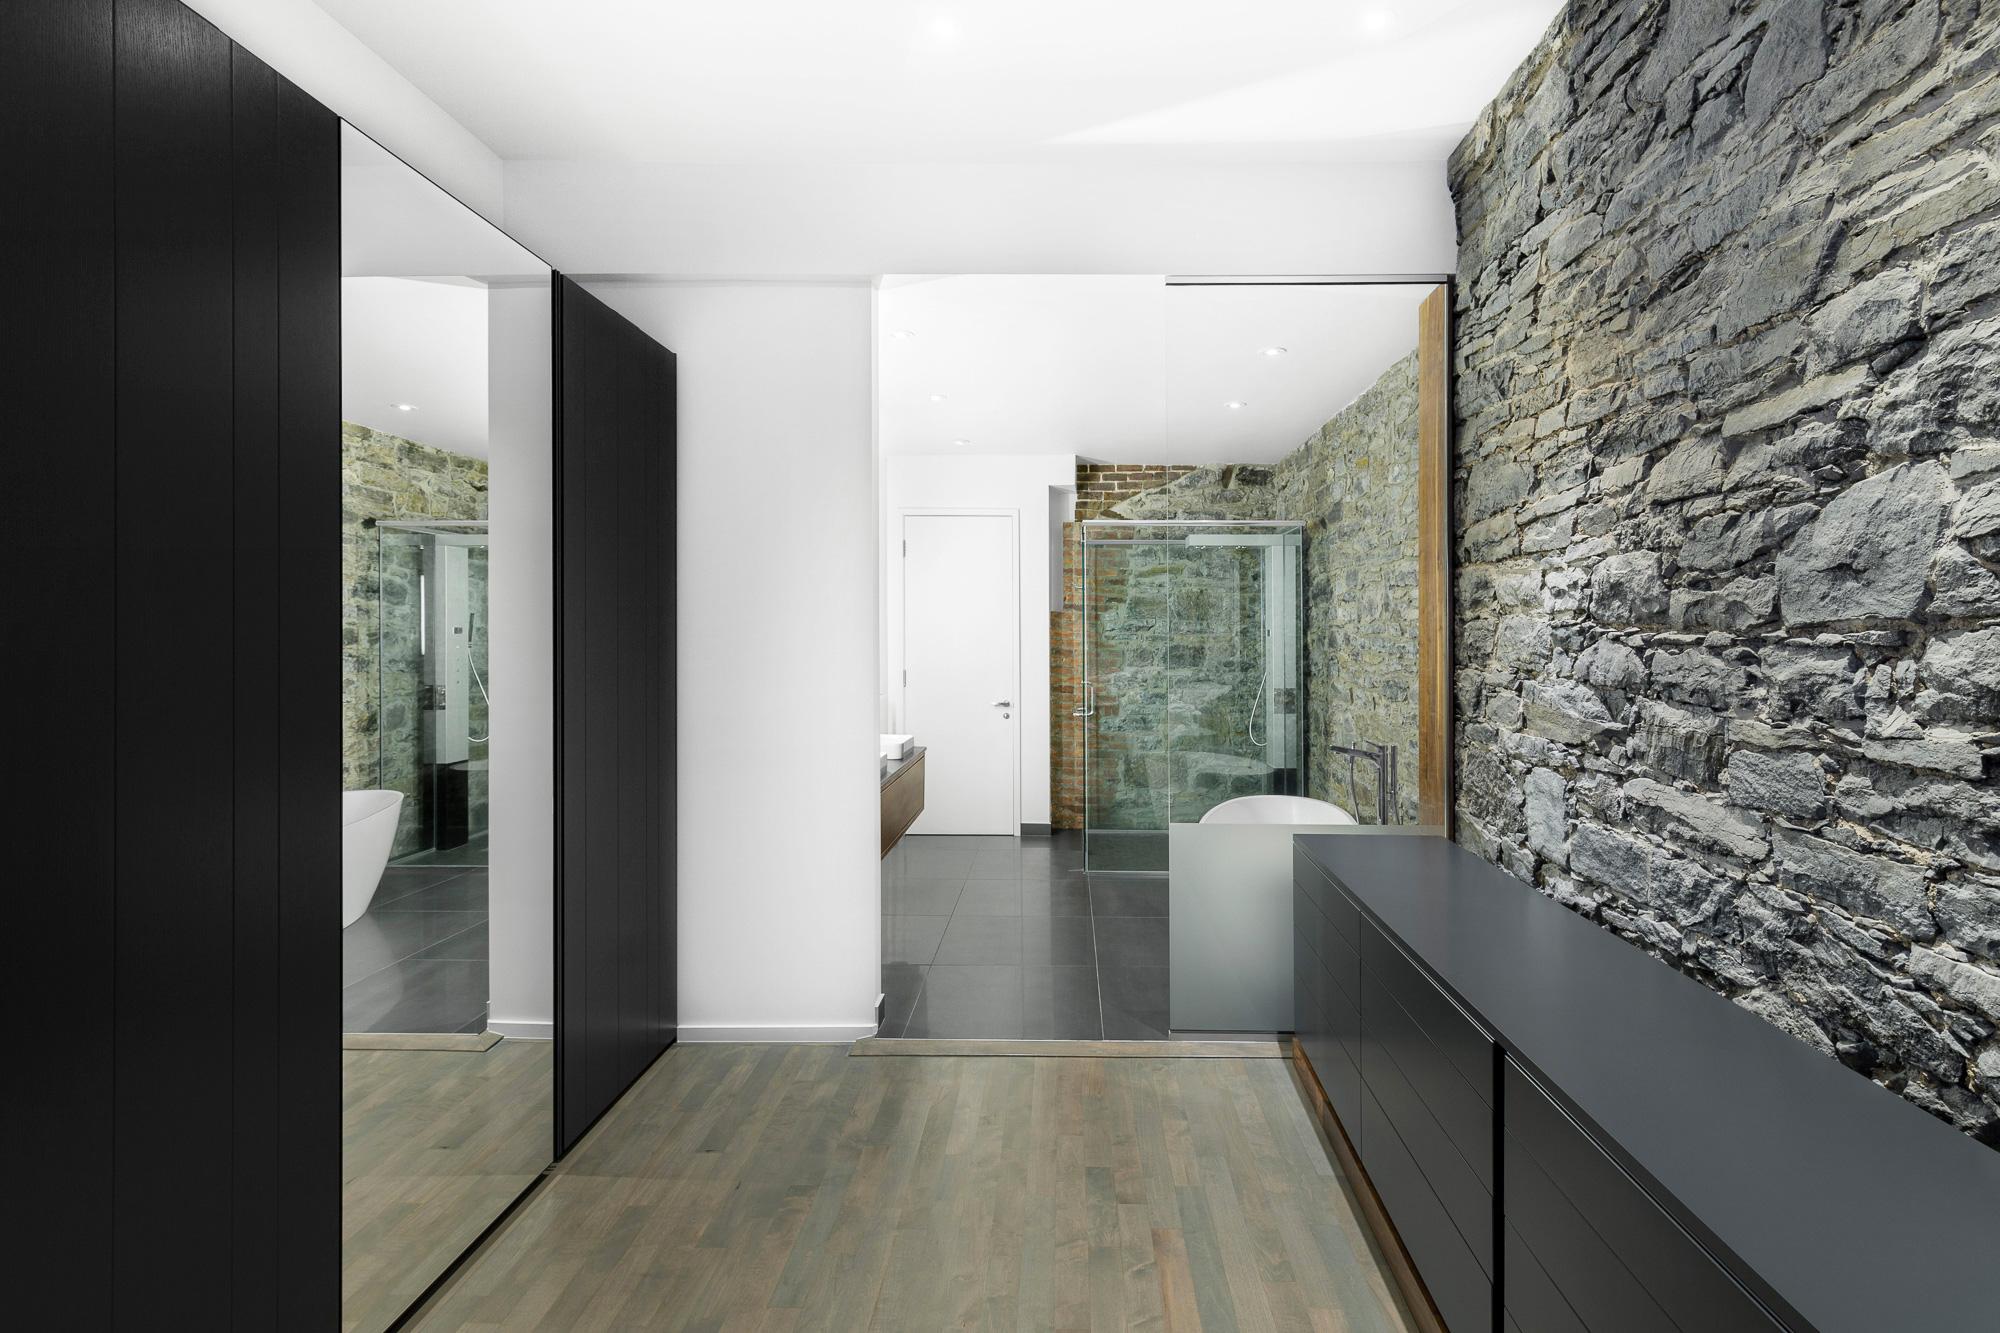 salle de bain meubles noirs mur pierre